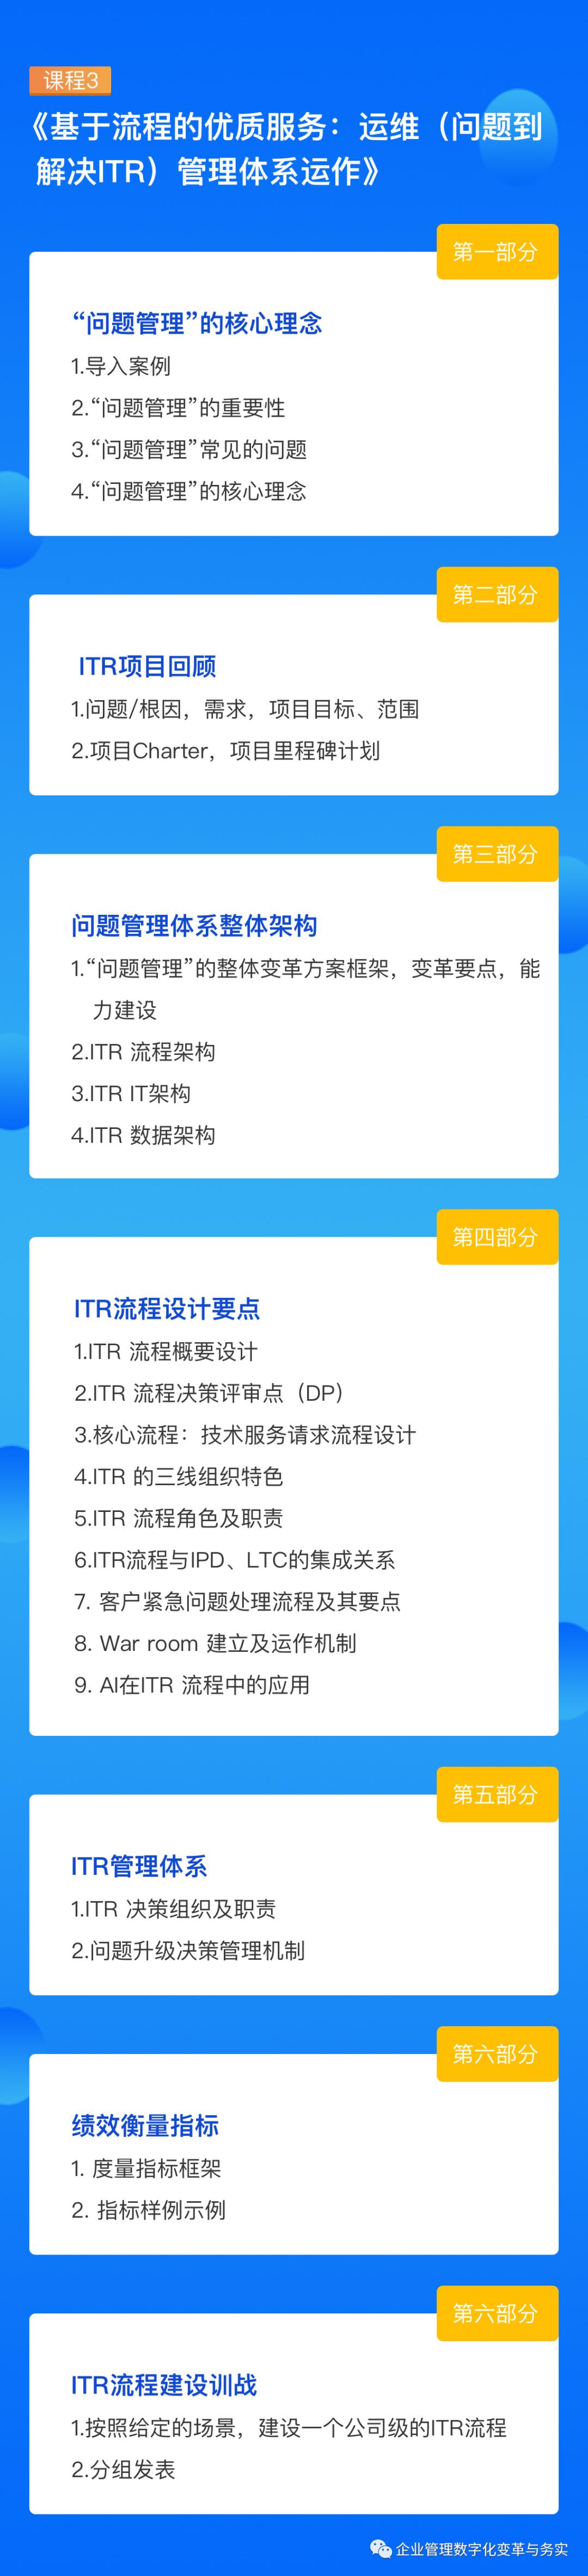 学习华为IPD/LTC/ITR三大业务流体系插图(16)